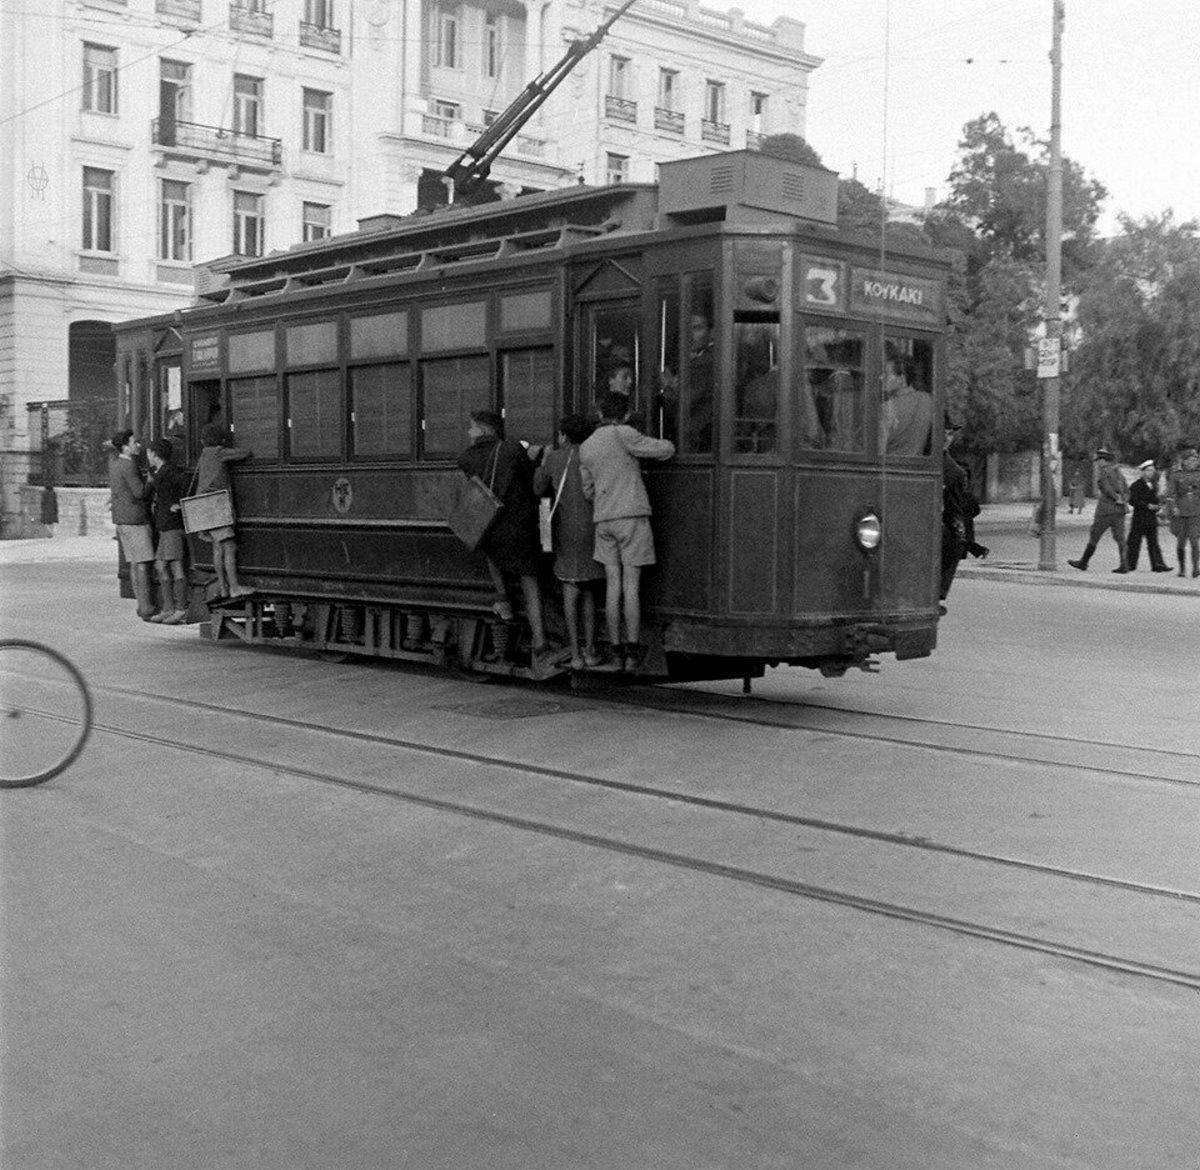 Παλιά Αθήνα πλατεία συντάγματος με τραμ